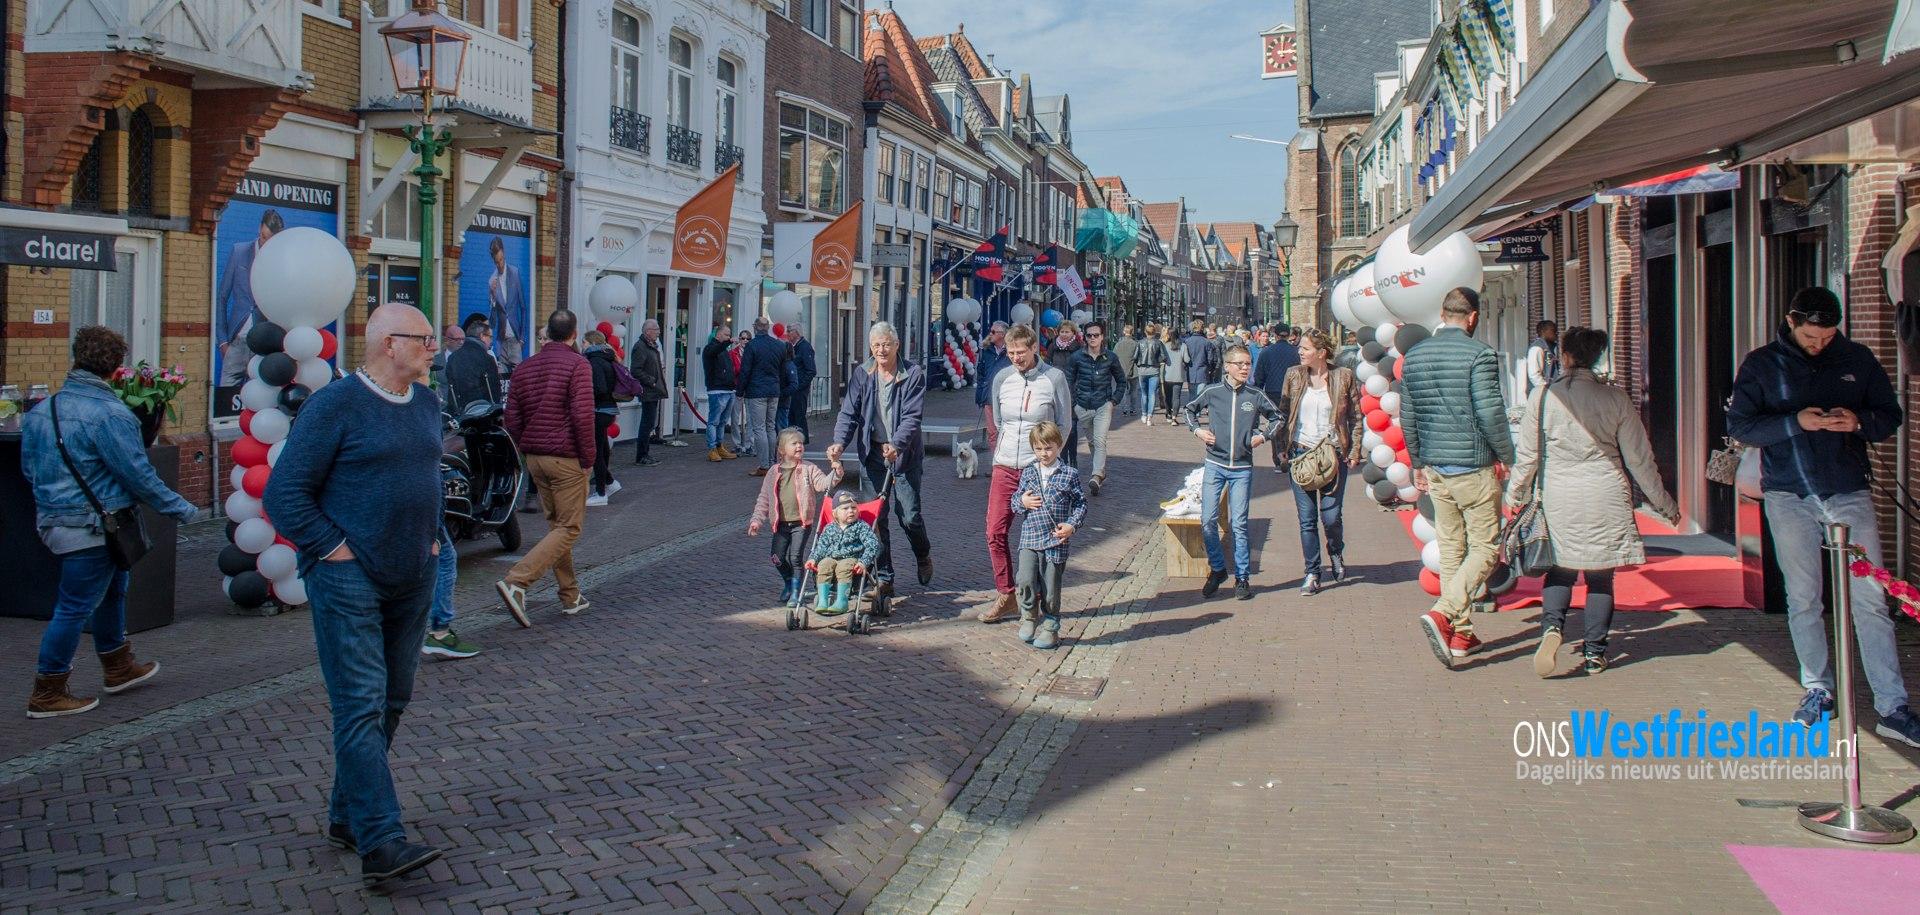 'Hoorn Modestad op Stelten' thema van 12e Hoornse fashion feestje